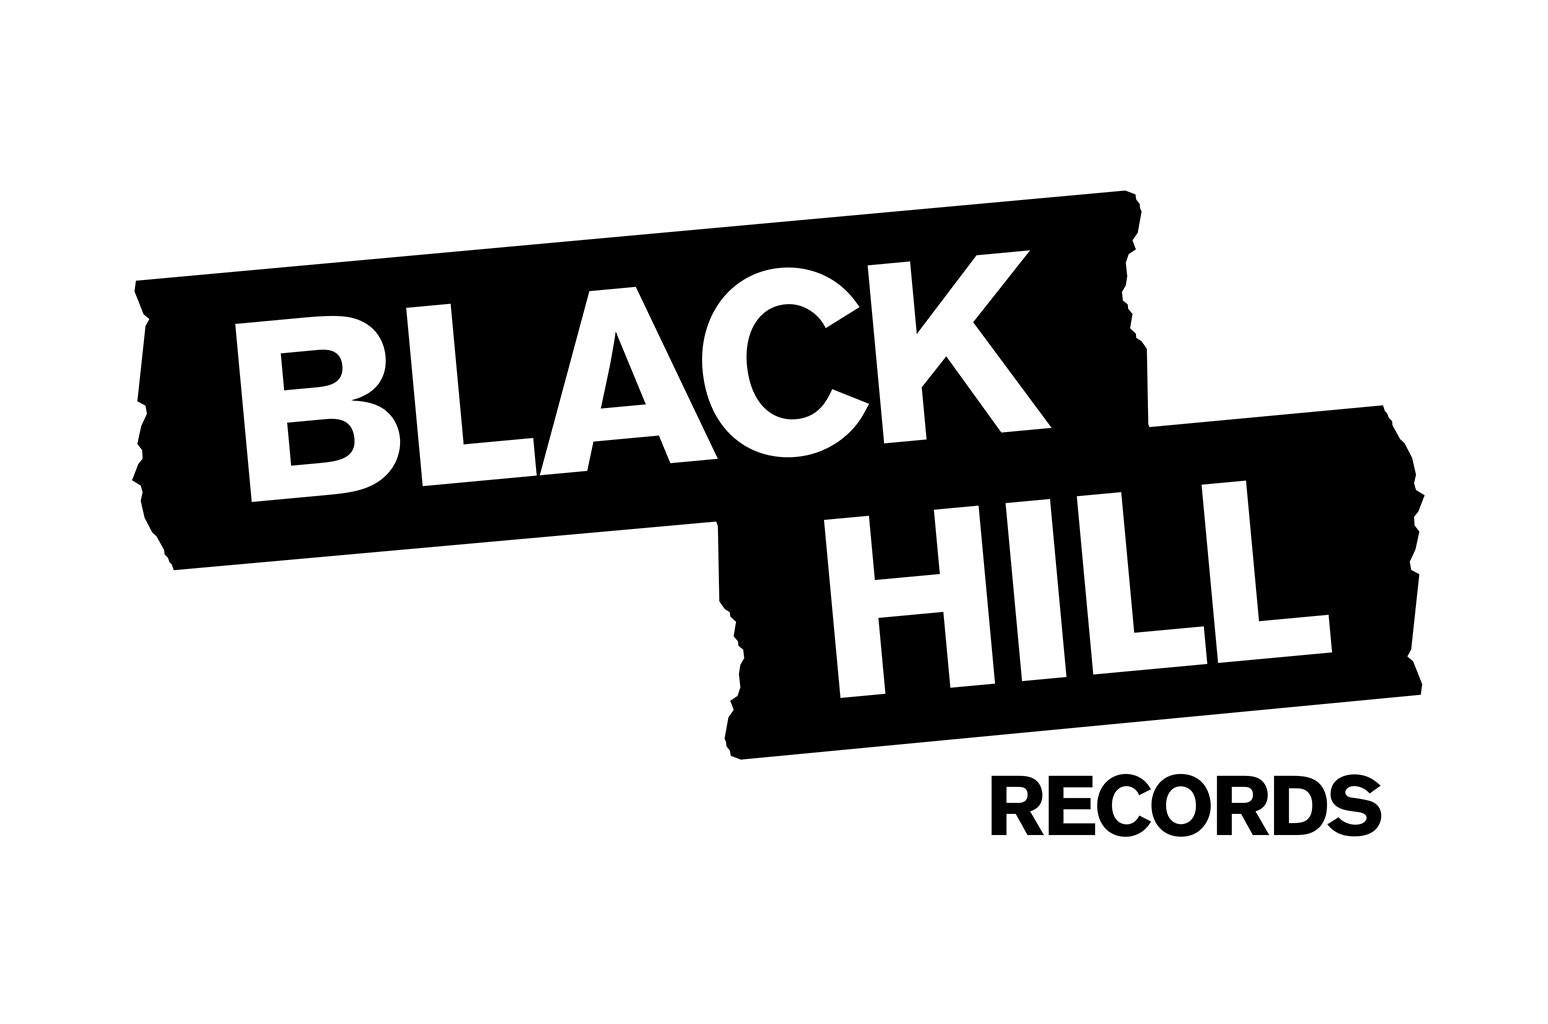 Black Hill Records